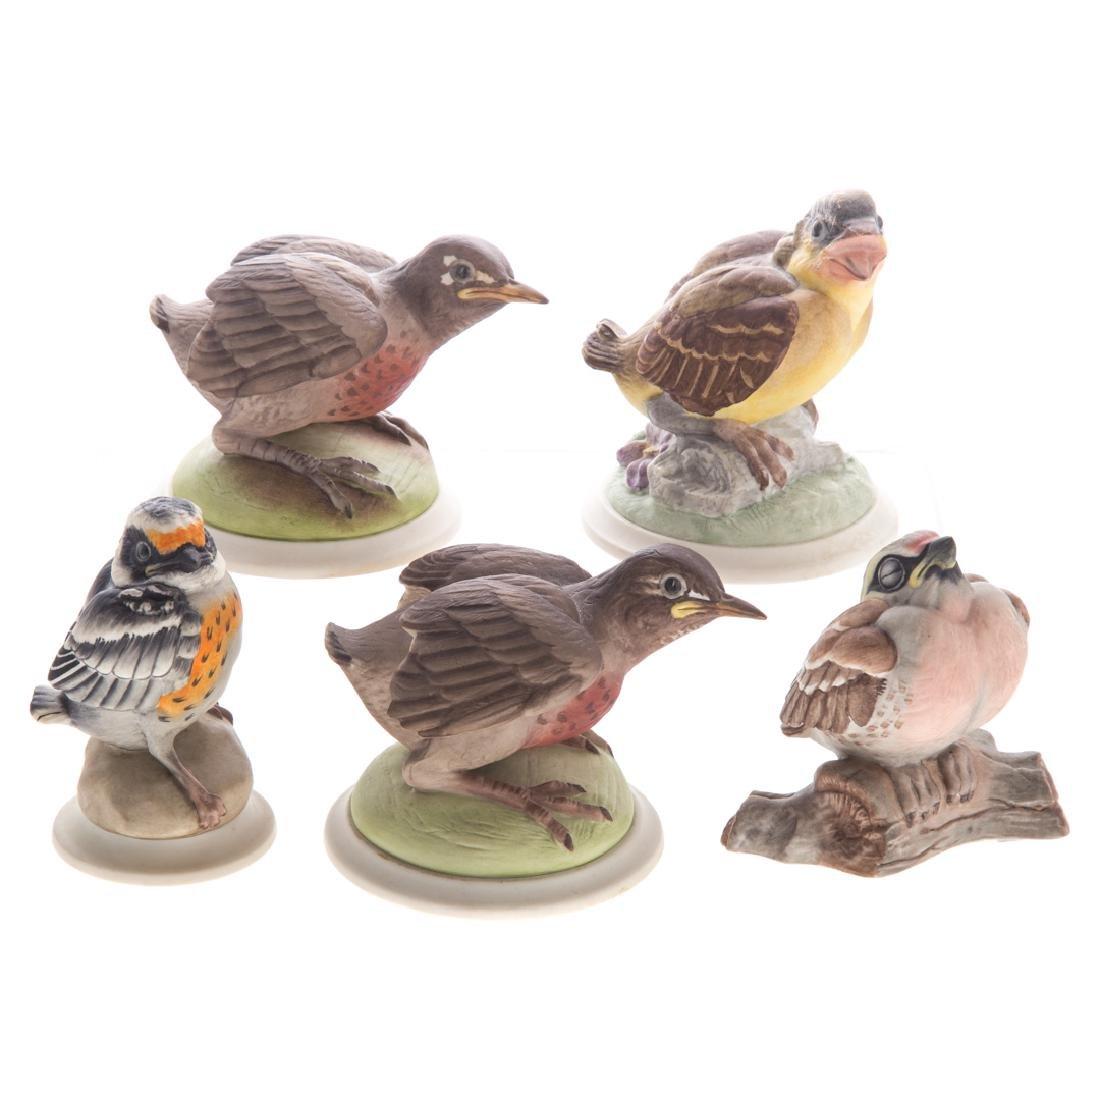 Five Boehm bisque baby/fledgling birds